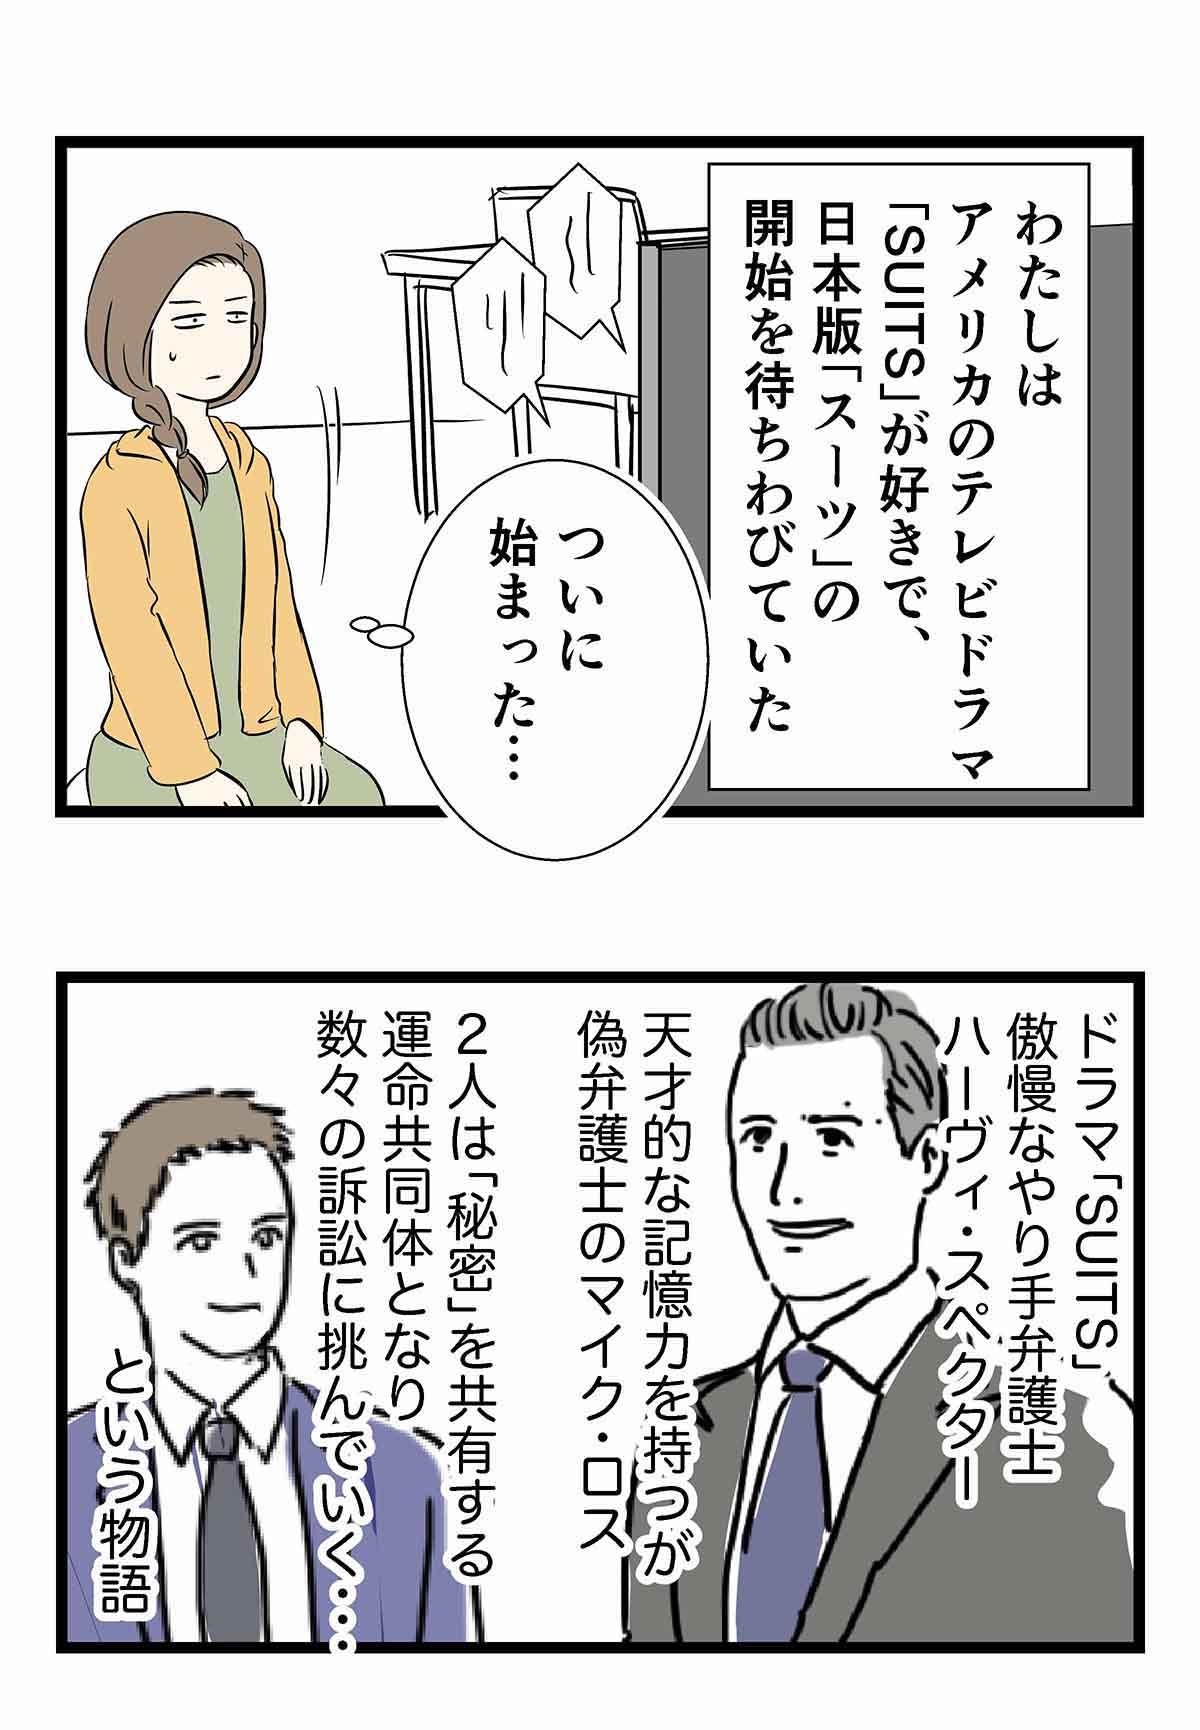 コミック1877a